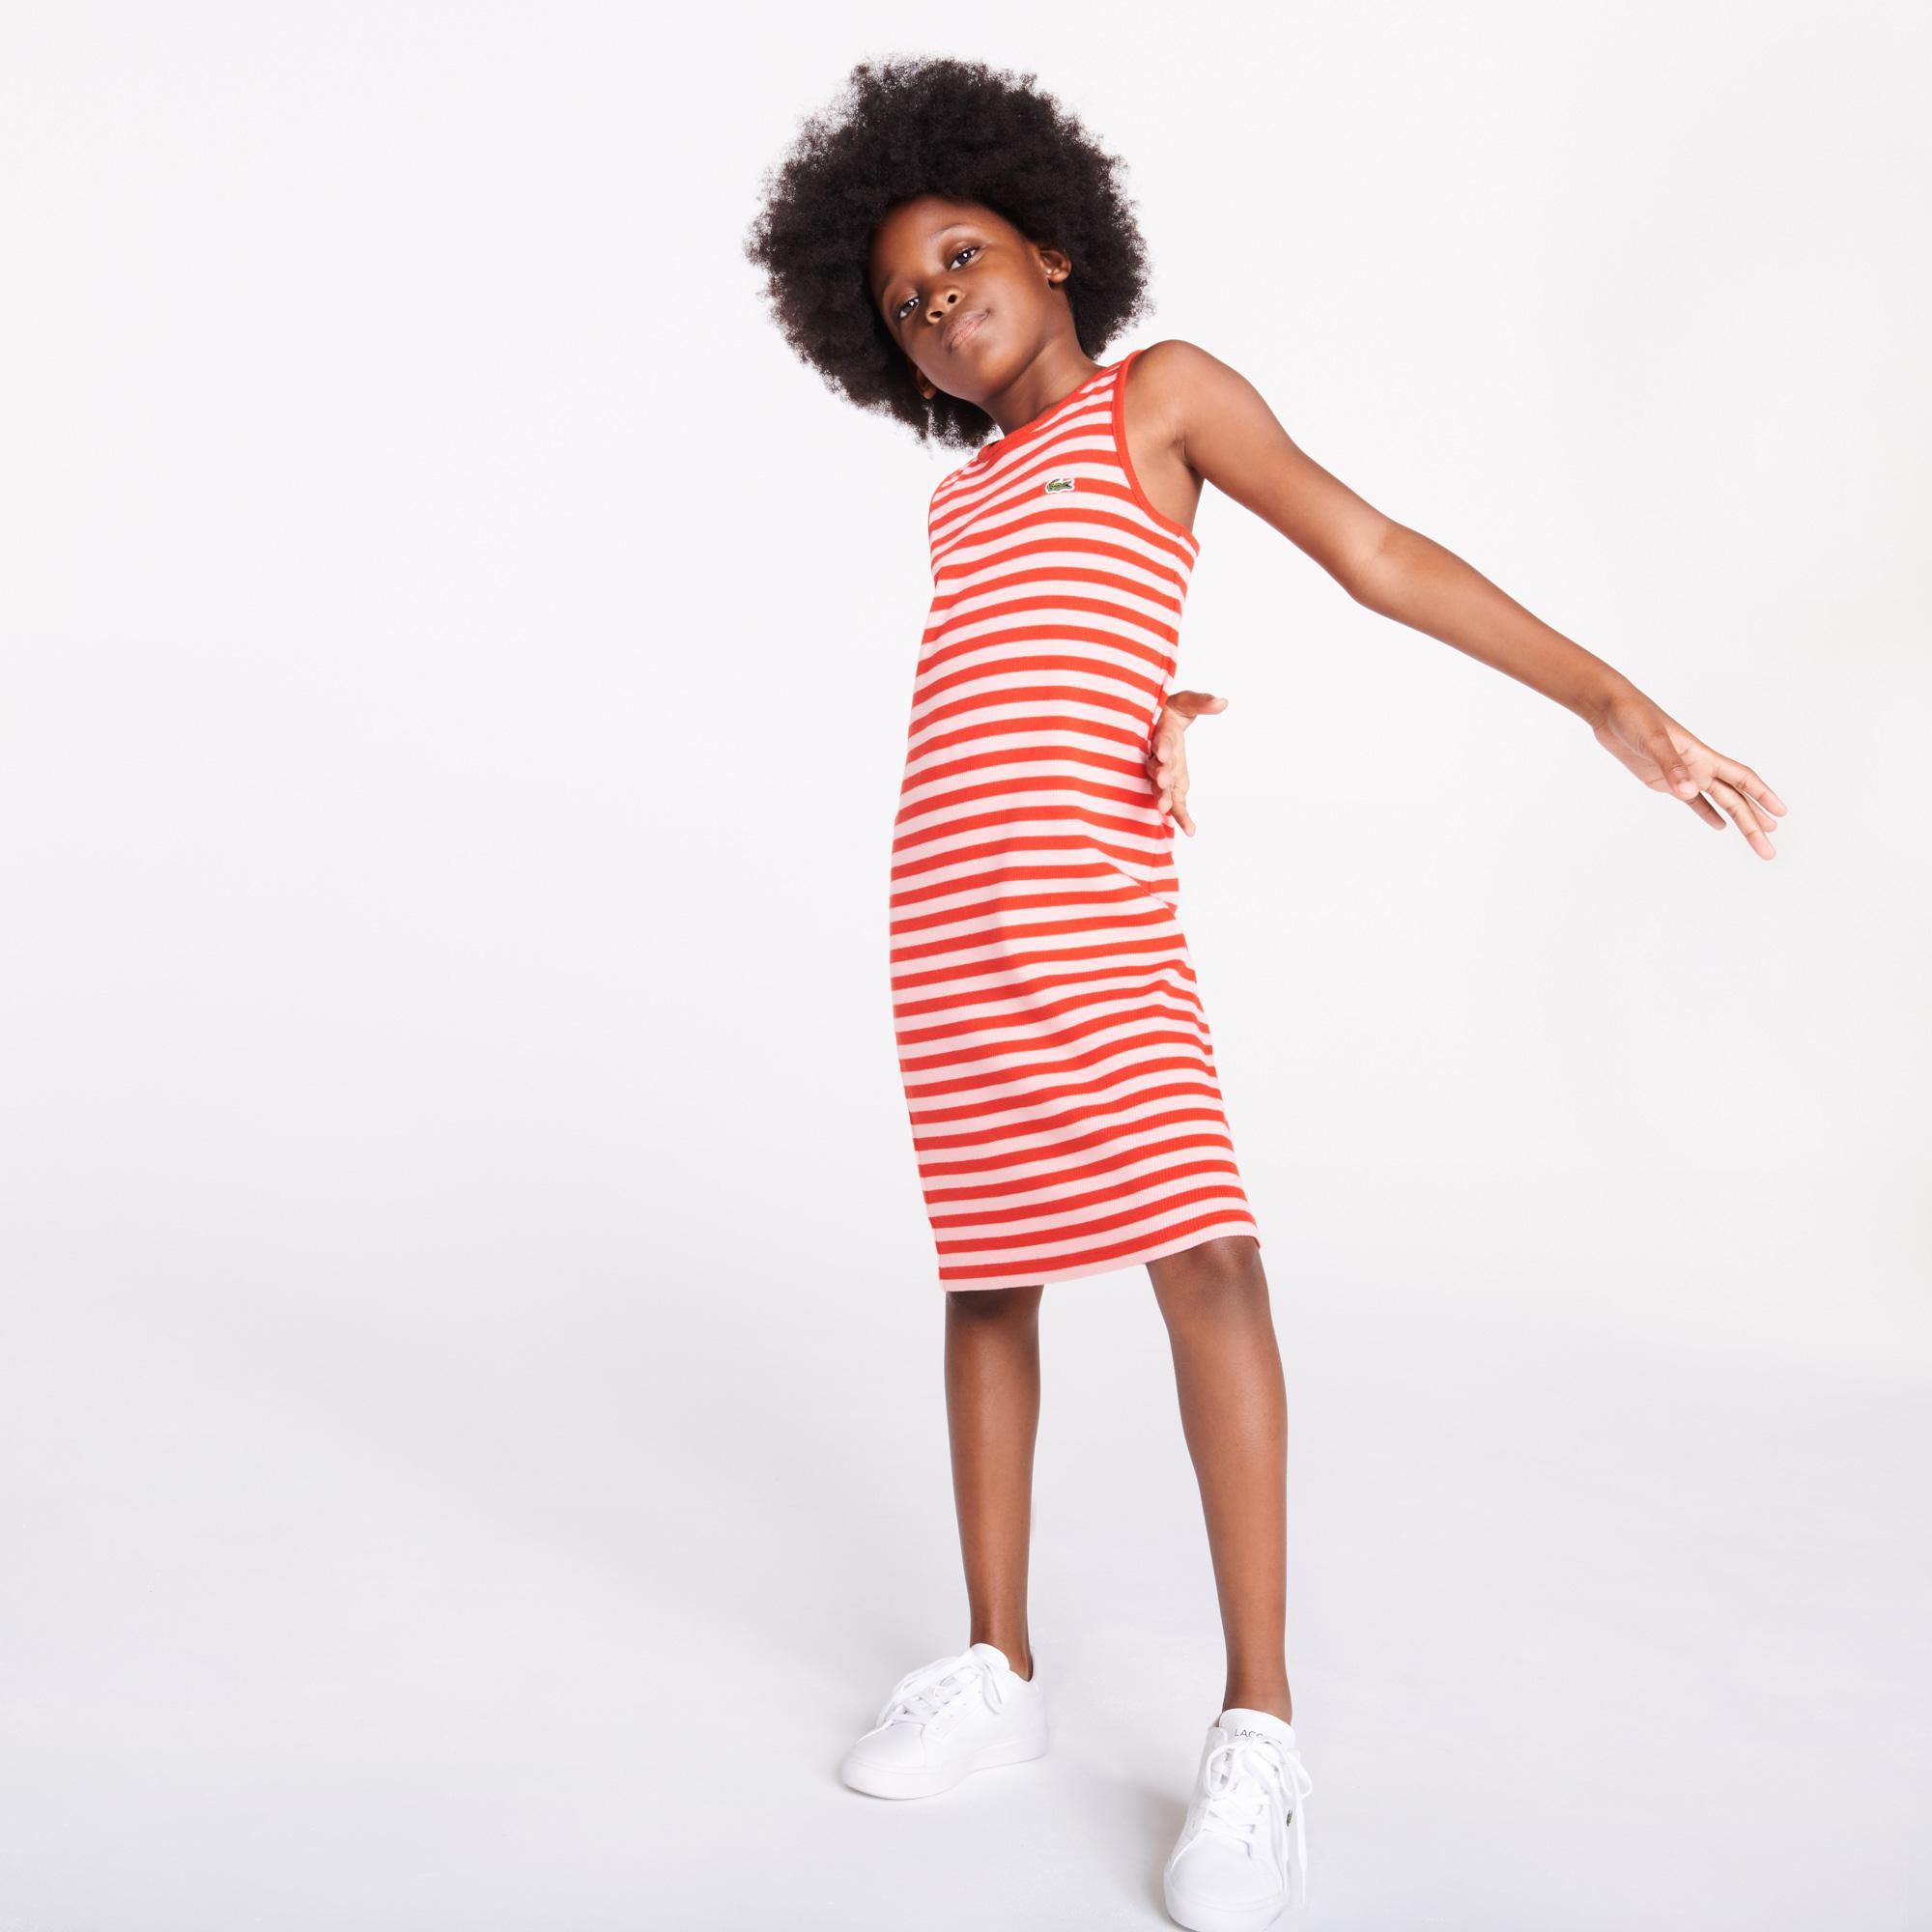 Lacoste Çocuk Kolsuz Bisiklet Yaka Çizgili Kırmızı - Beyaz Elbise